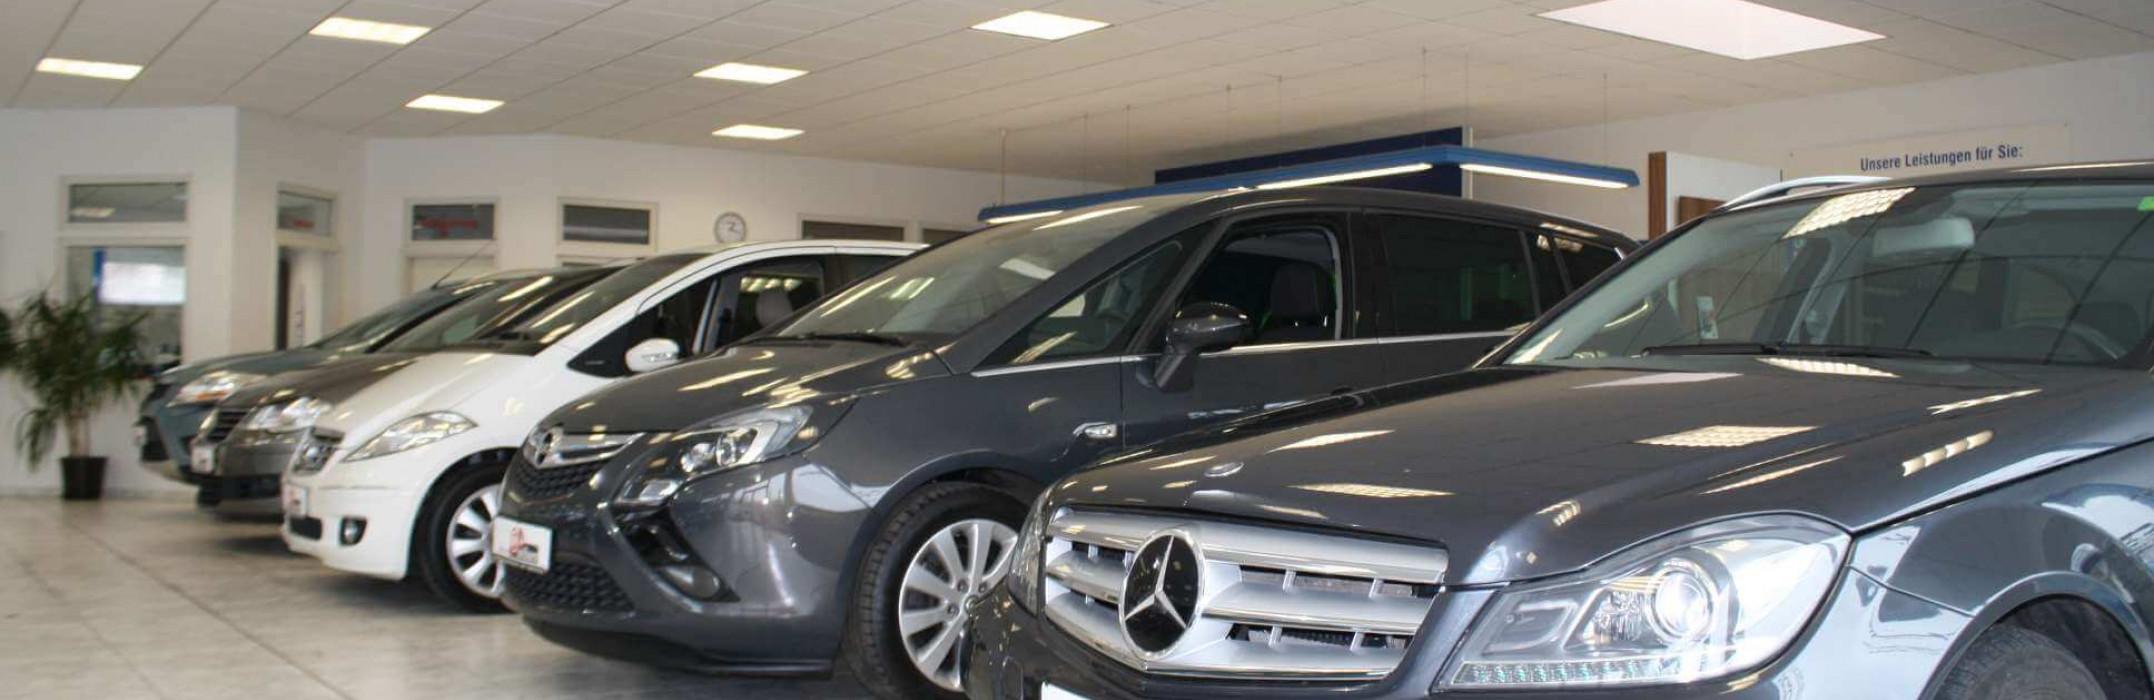 Unsere geprüften Gebrauchtwagen Angebote